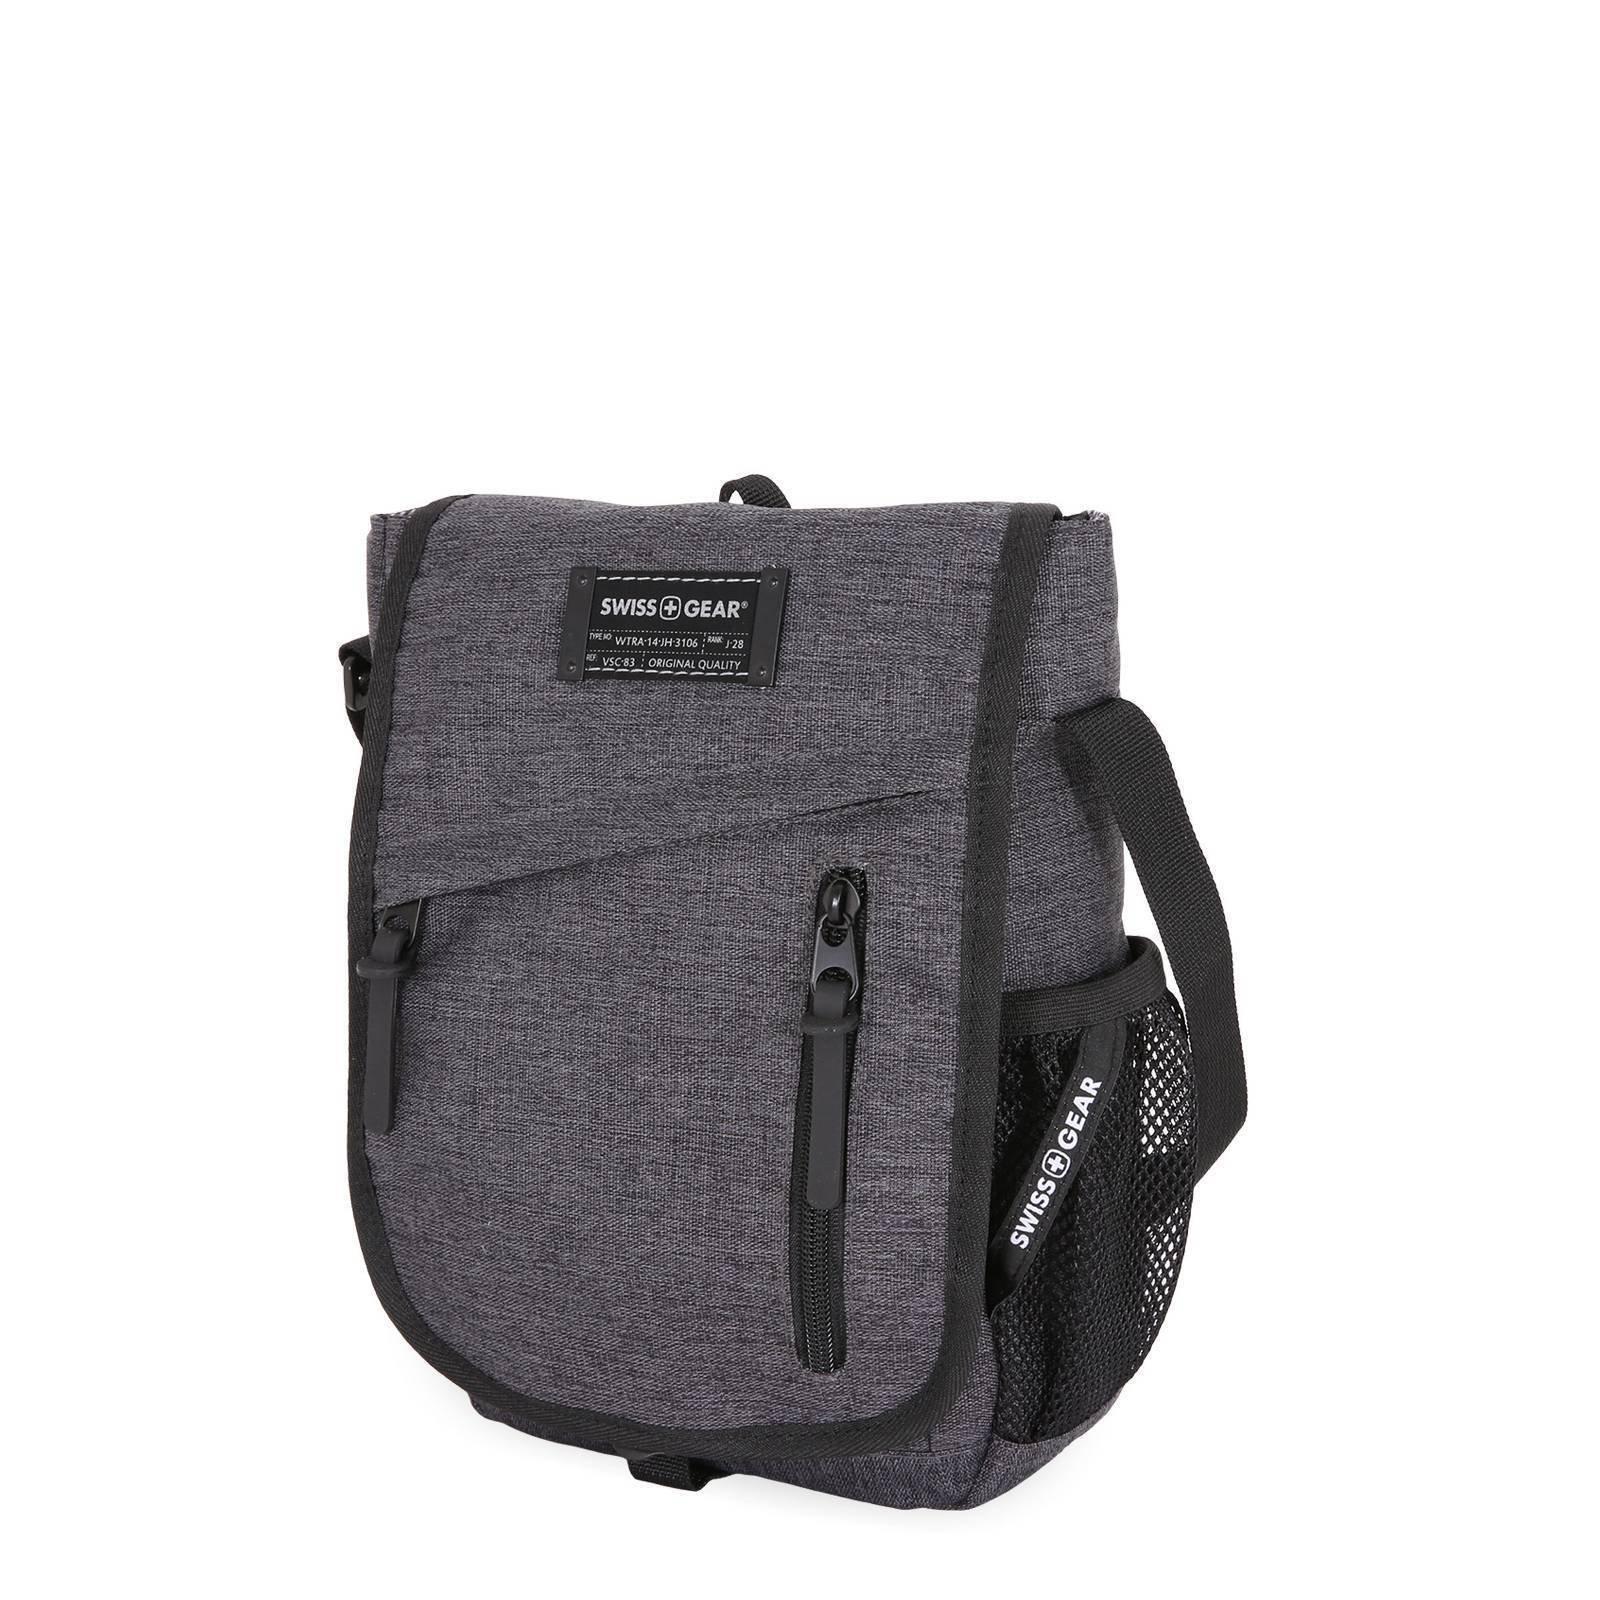 SwissGear Getaway Vertical Travel Bag